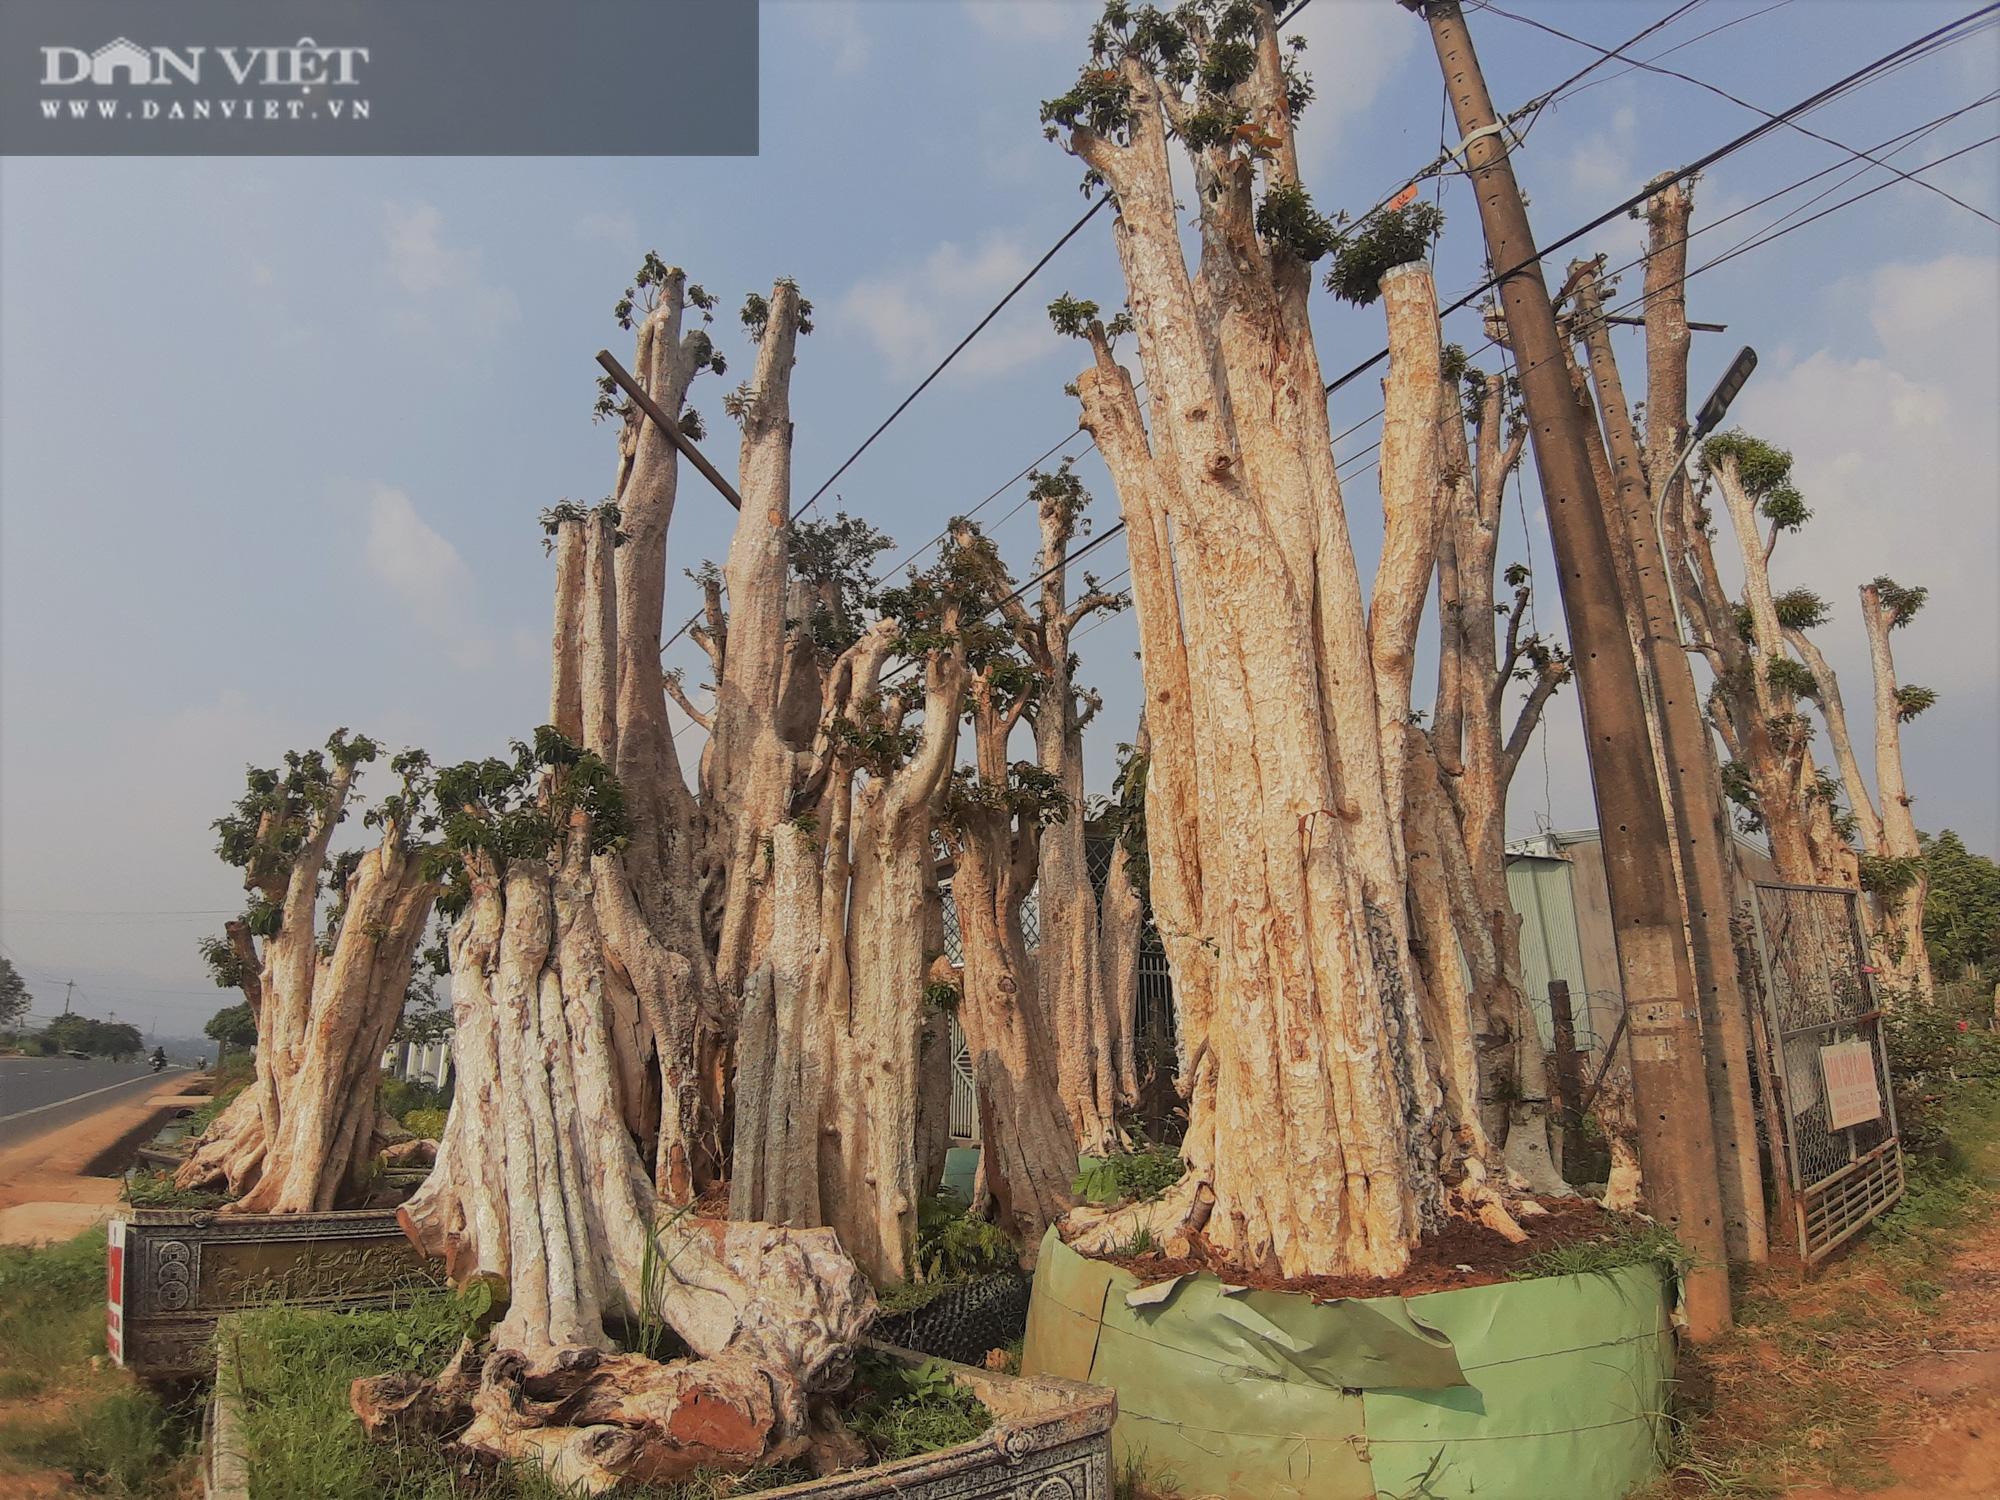 """Thủ đoạn hô biến rừng cây cổ thụ: Có thể xử lý hình sự hành vi """"bứng"""" cây cổ thụ từ rừng về nhà - Ảnh 3."""